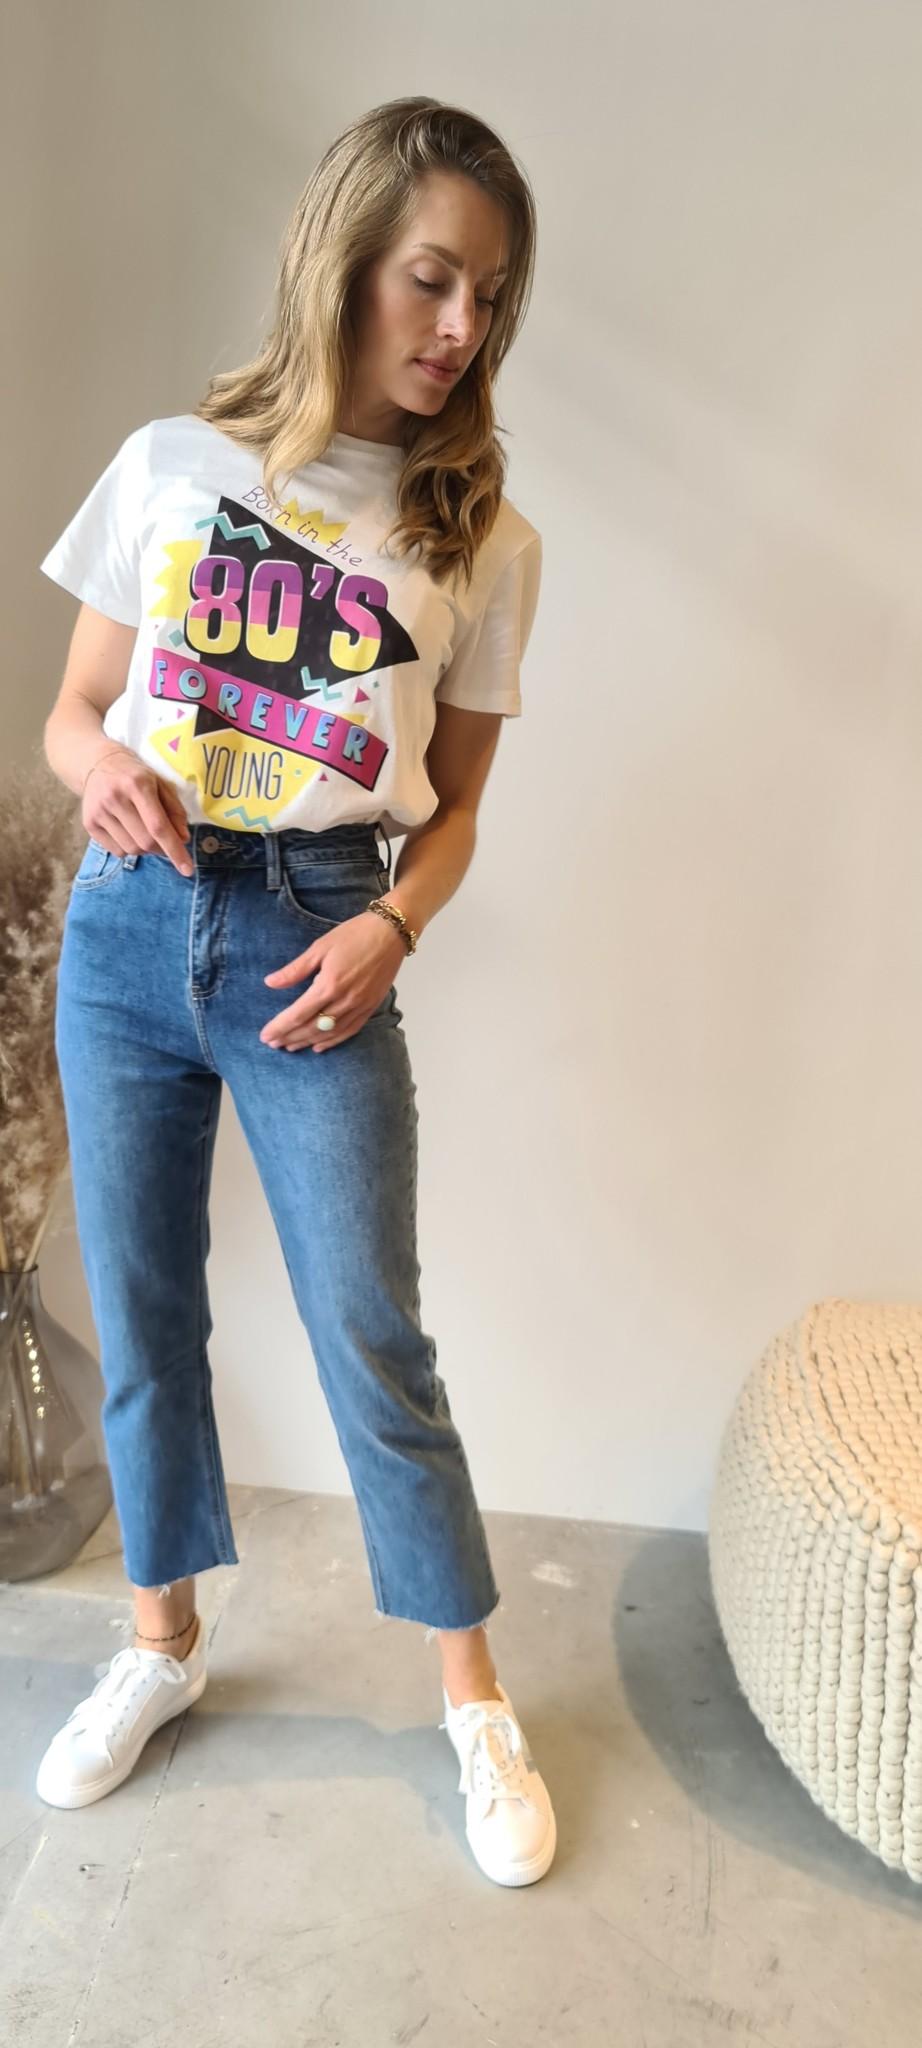 80'S FOREVER t-shirt-4